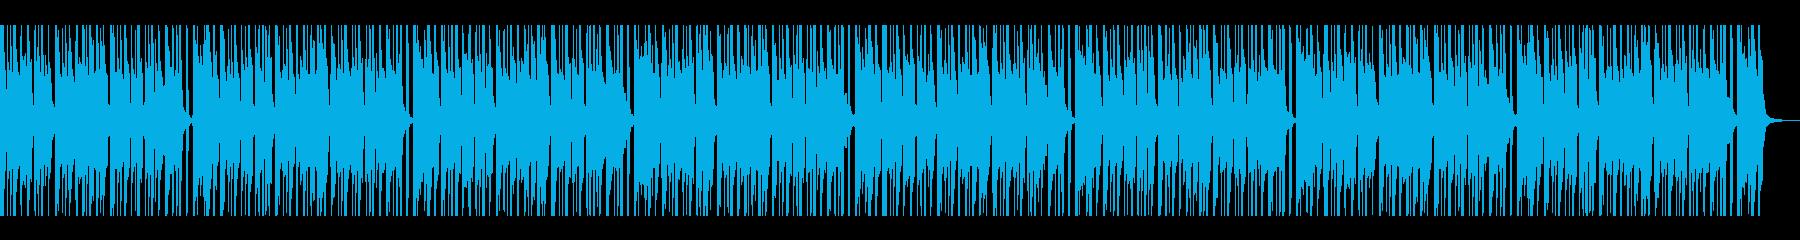 軽快なリズム 踊れる ギター ファンクの再生済みの波形